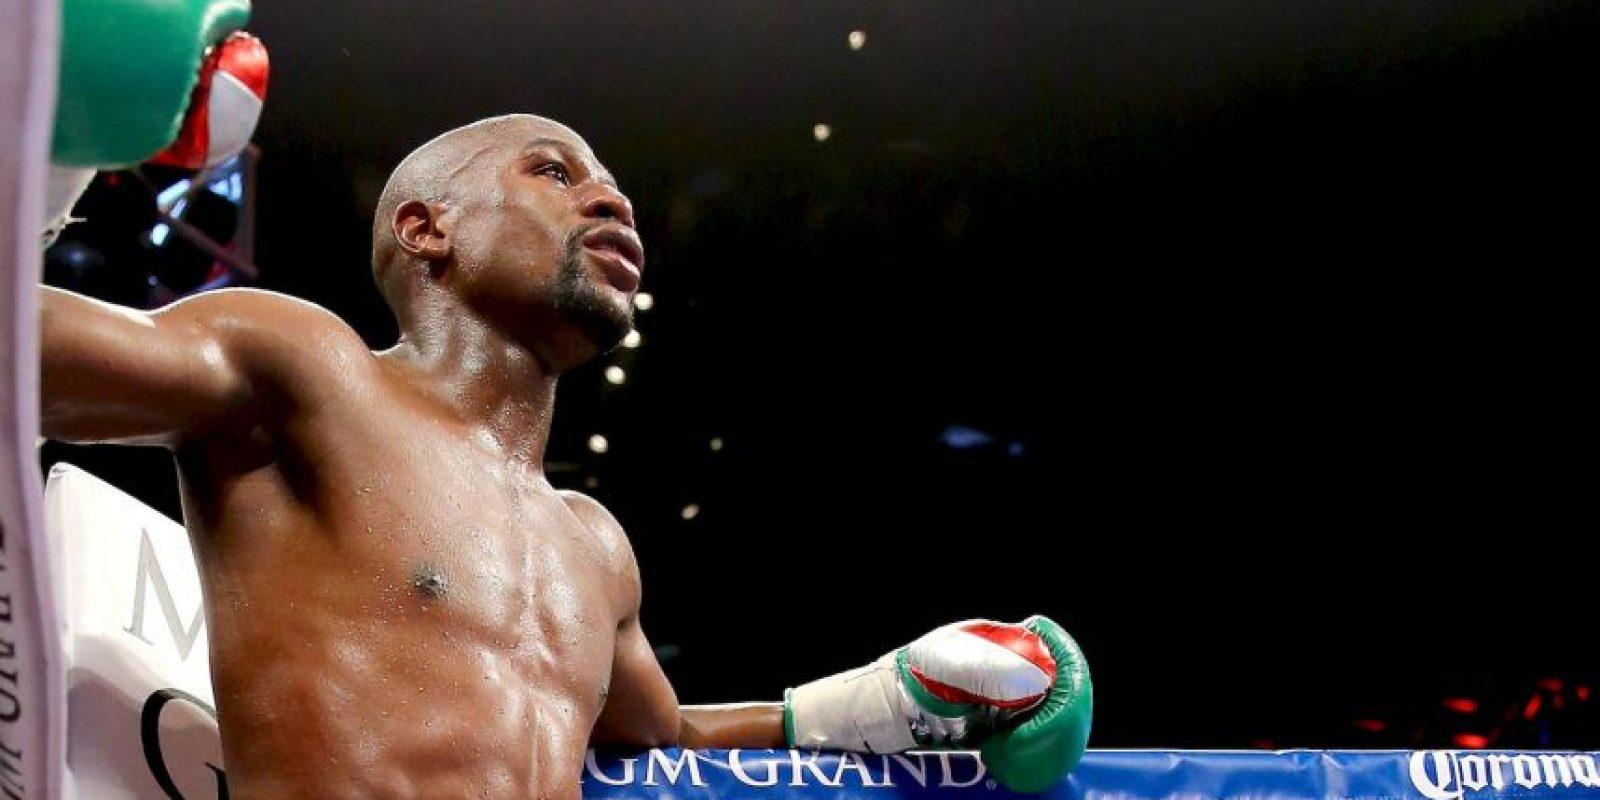 Otra razón que hace que el combate sea tan popular y convincente es la diferencia entre las personalidades de los boxeadores. Foto:Getty Images